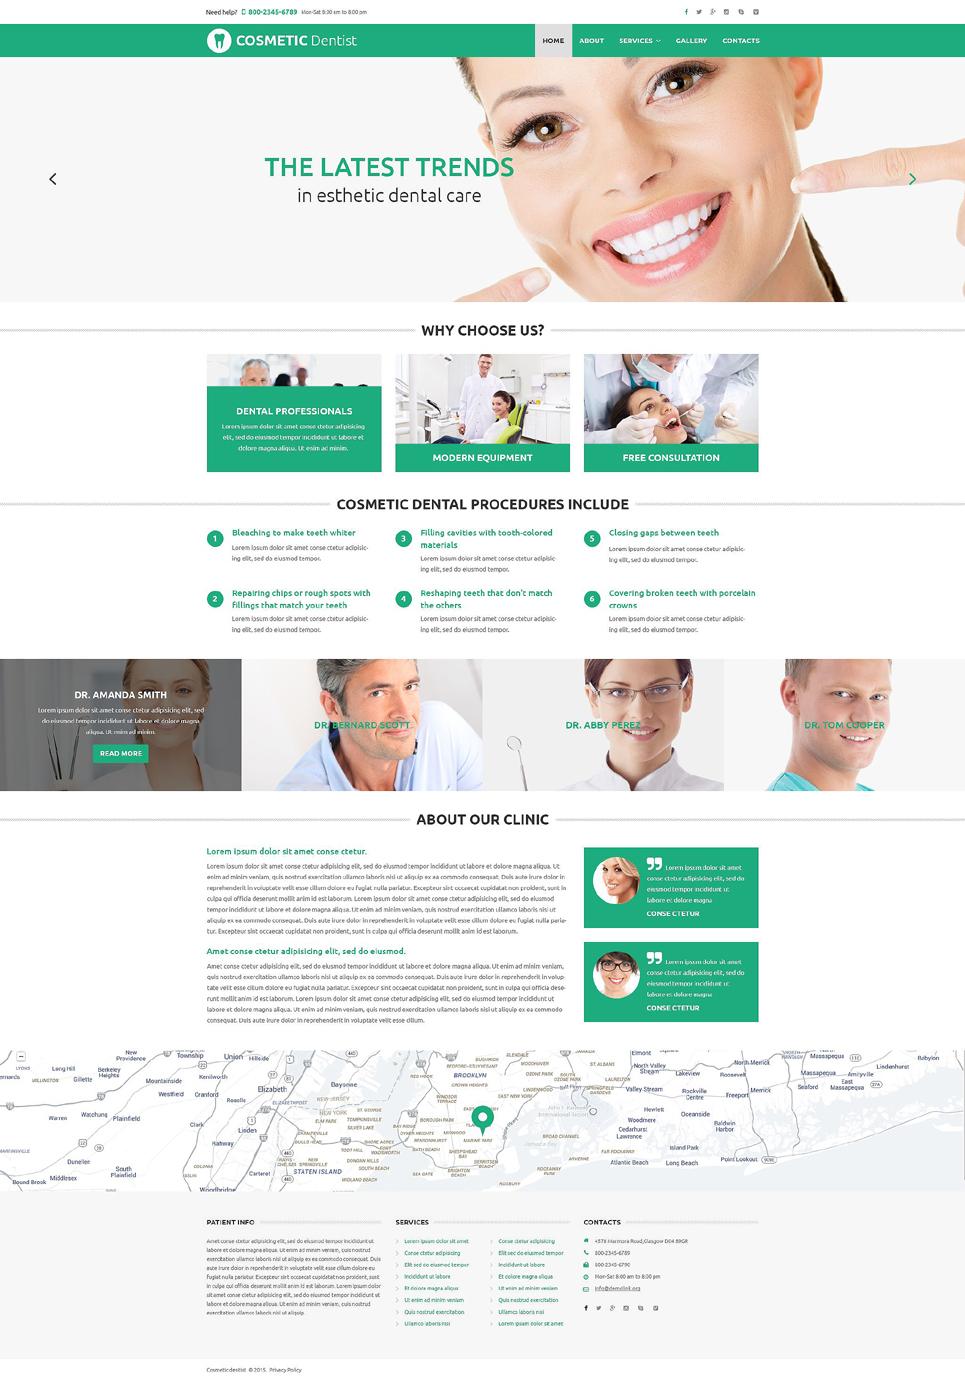 Diamond Smile template illustration image